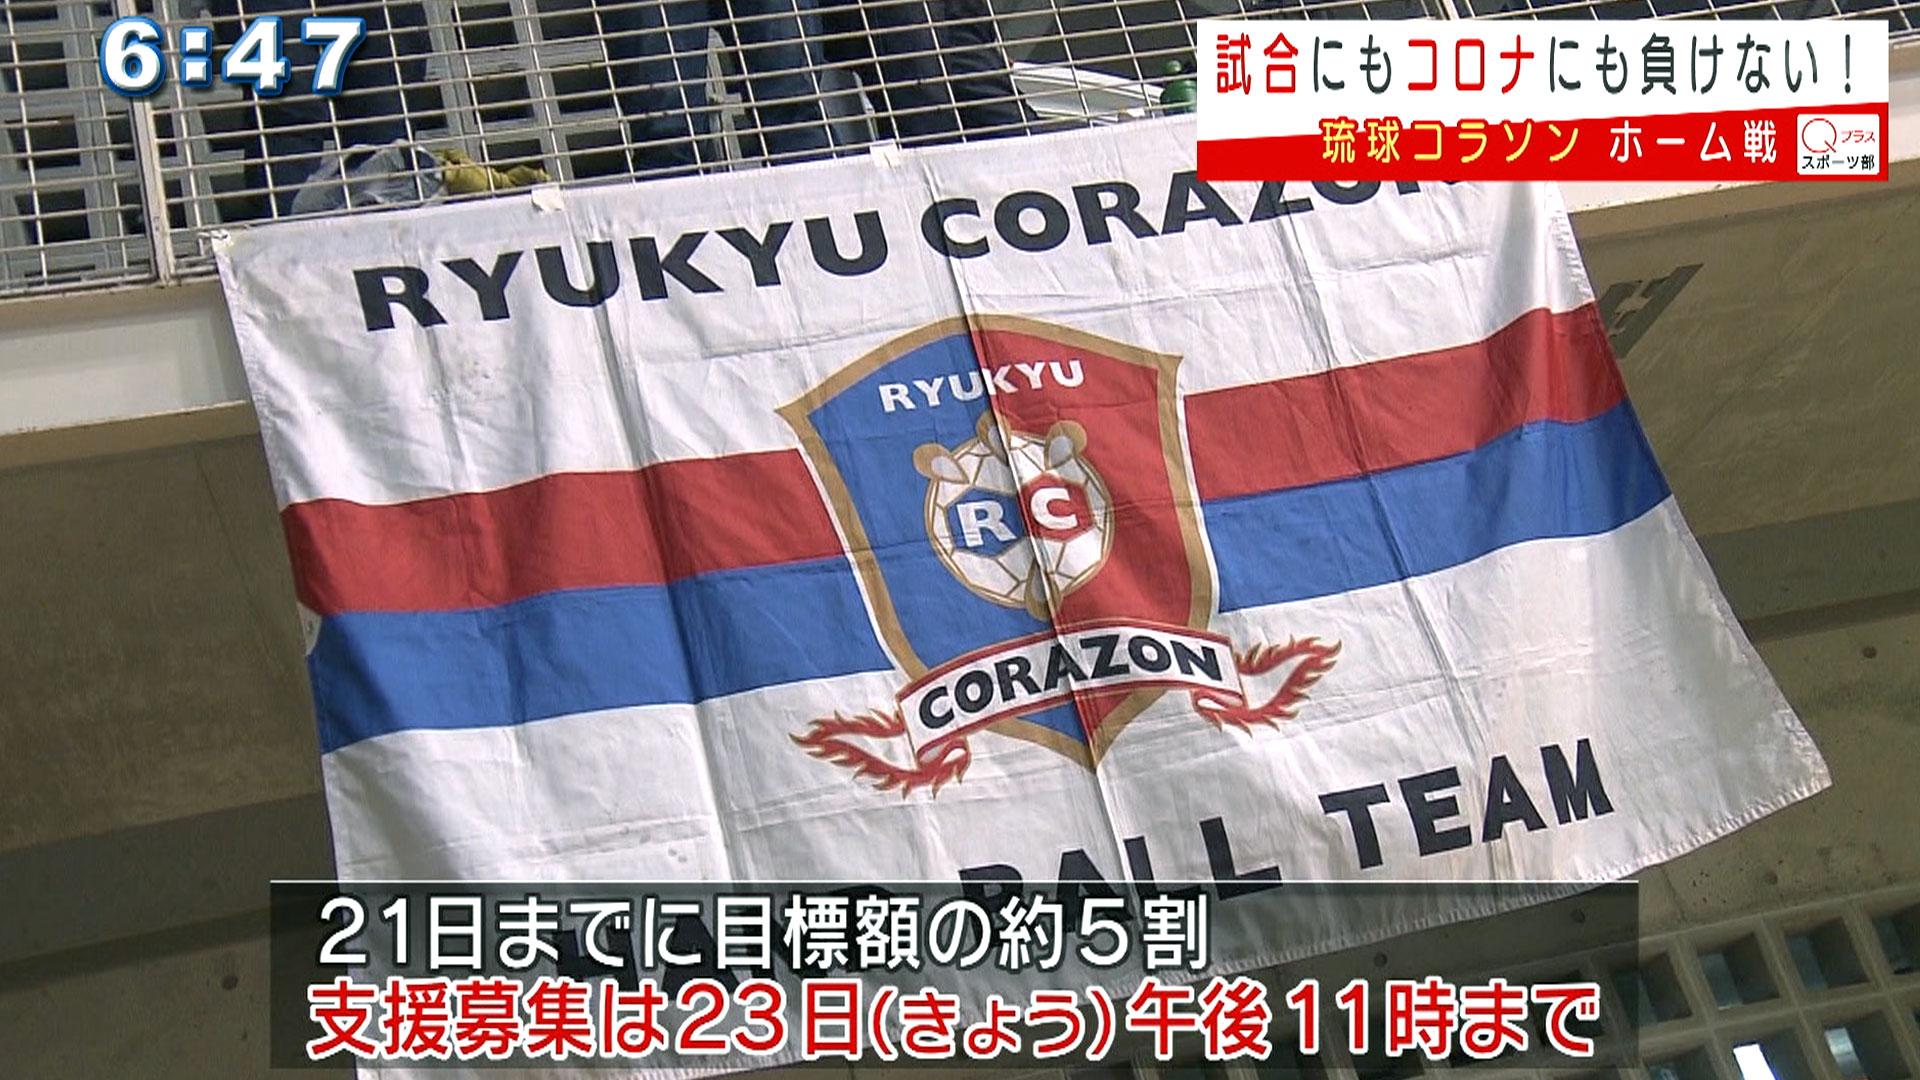 琉球コラソン「闘う姿」見せるホーム戦